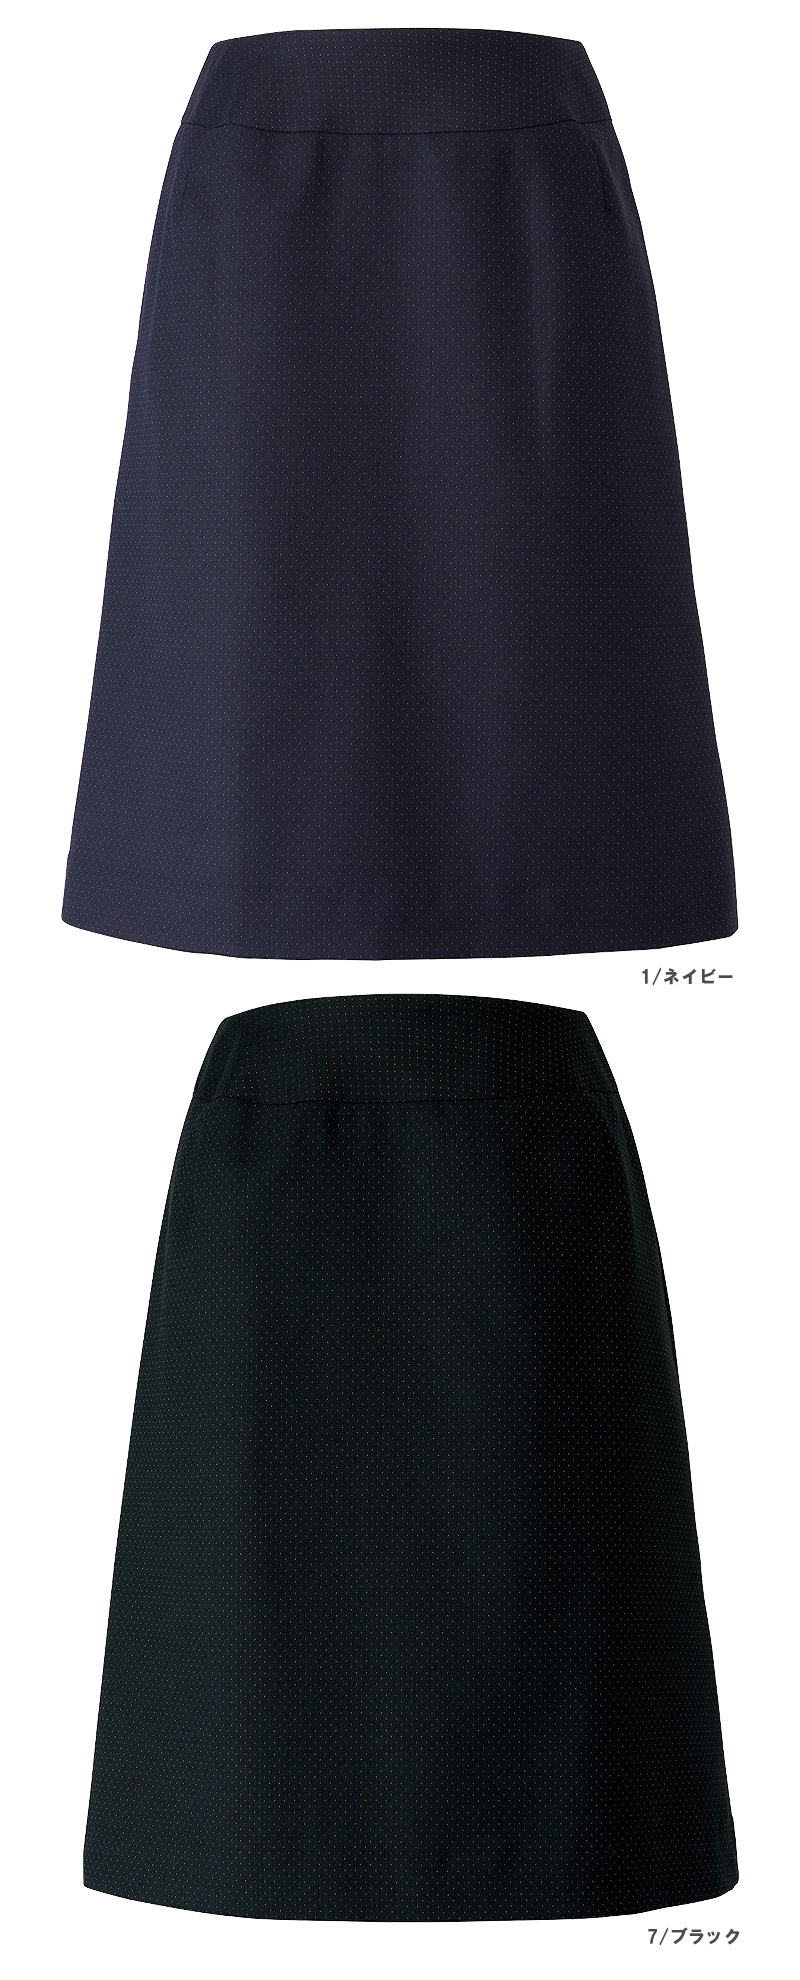 【2色】美形Aラインスカート(ピンドット)